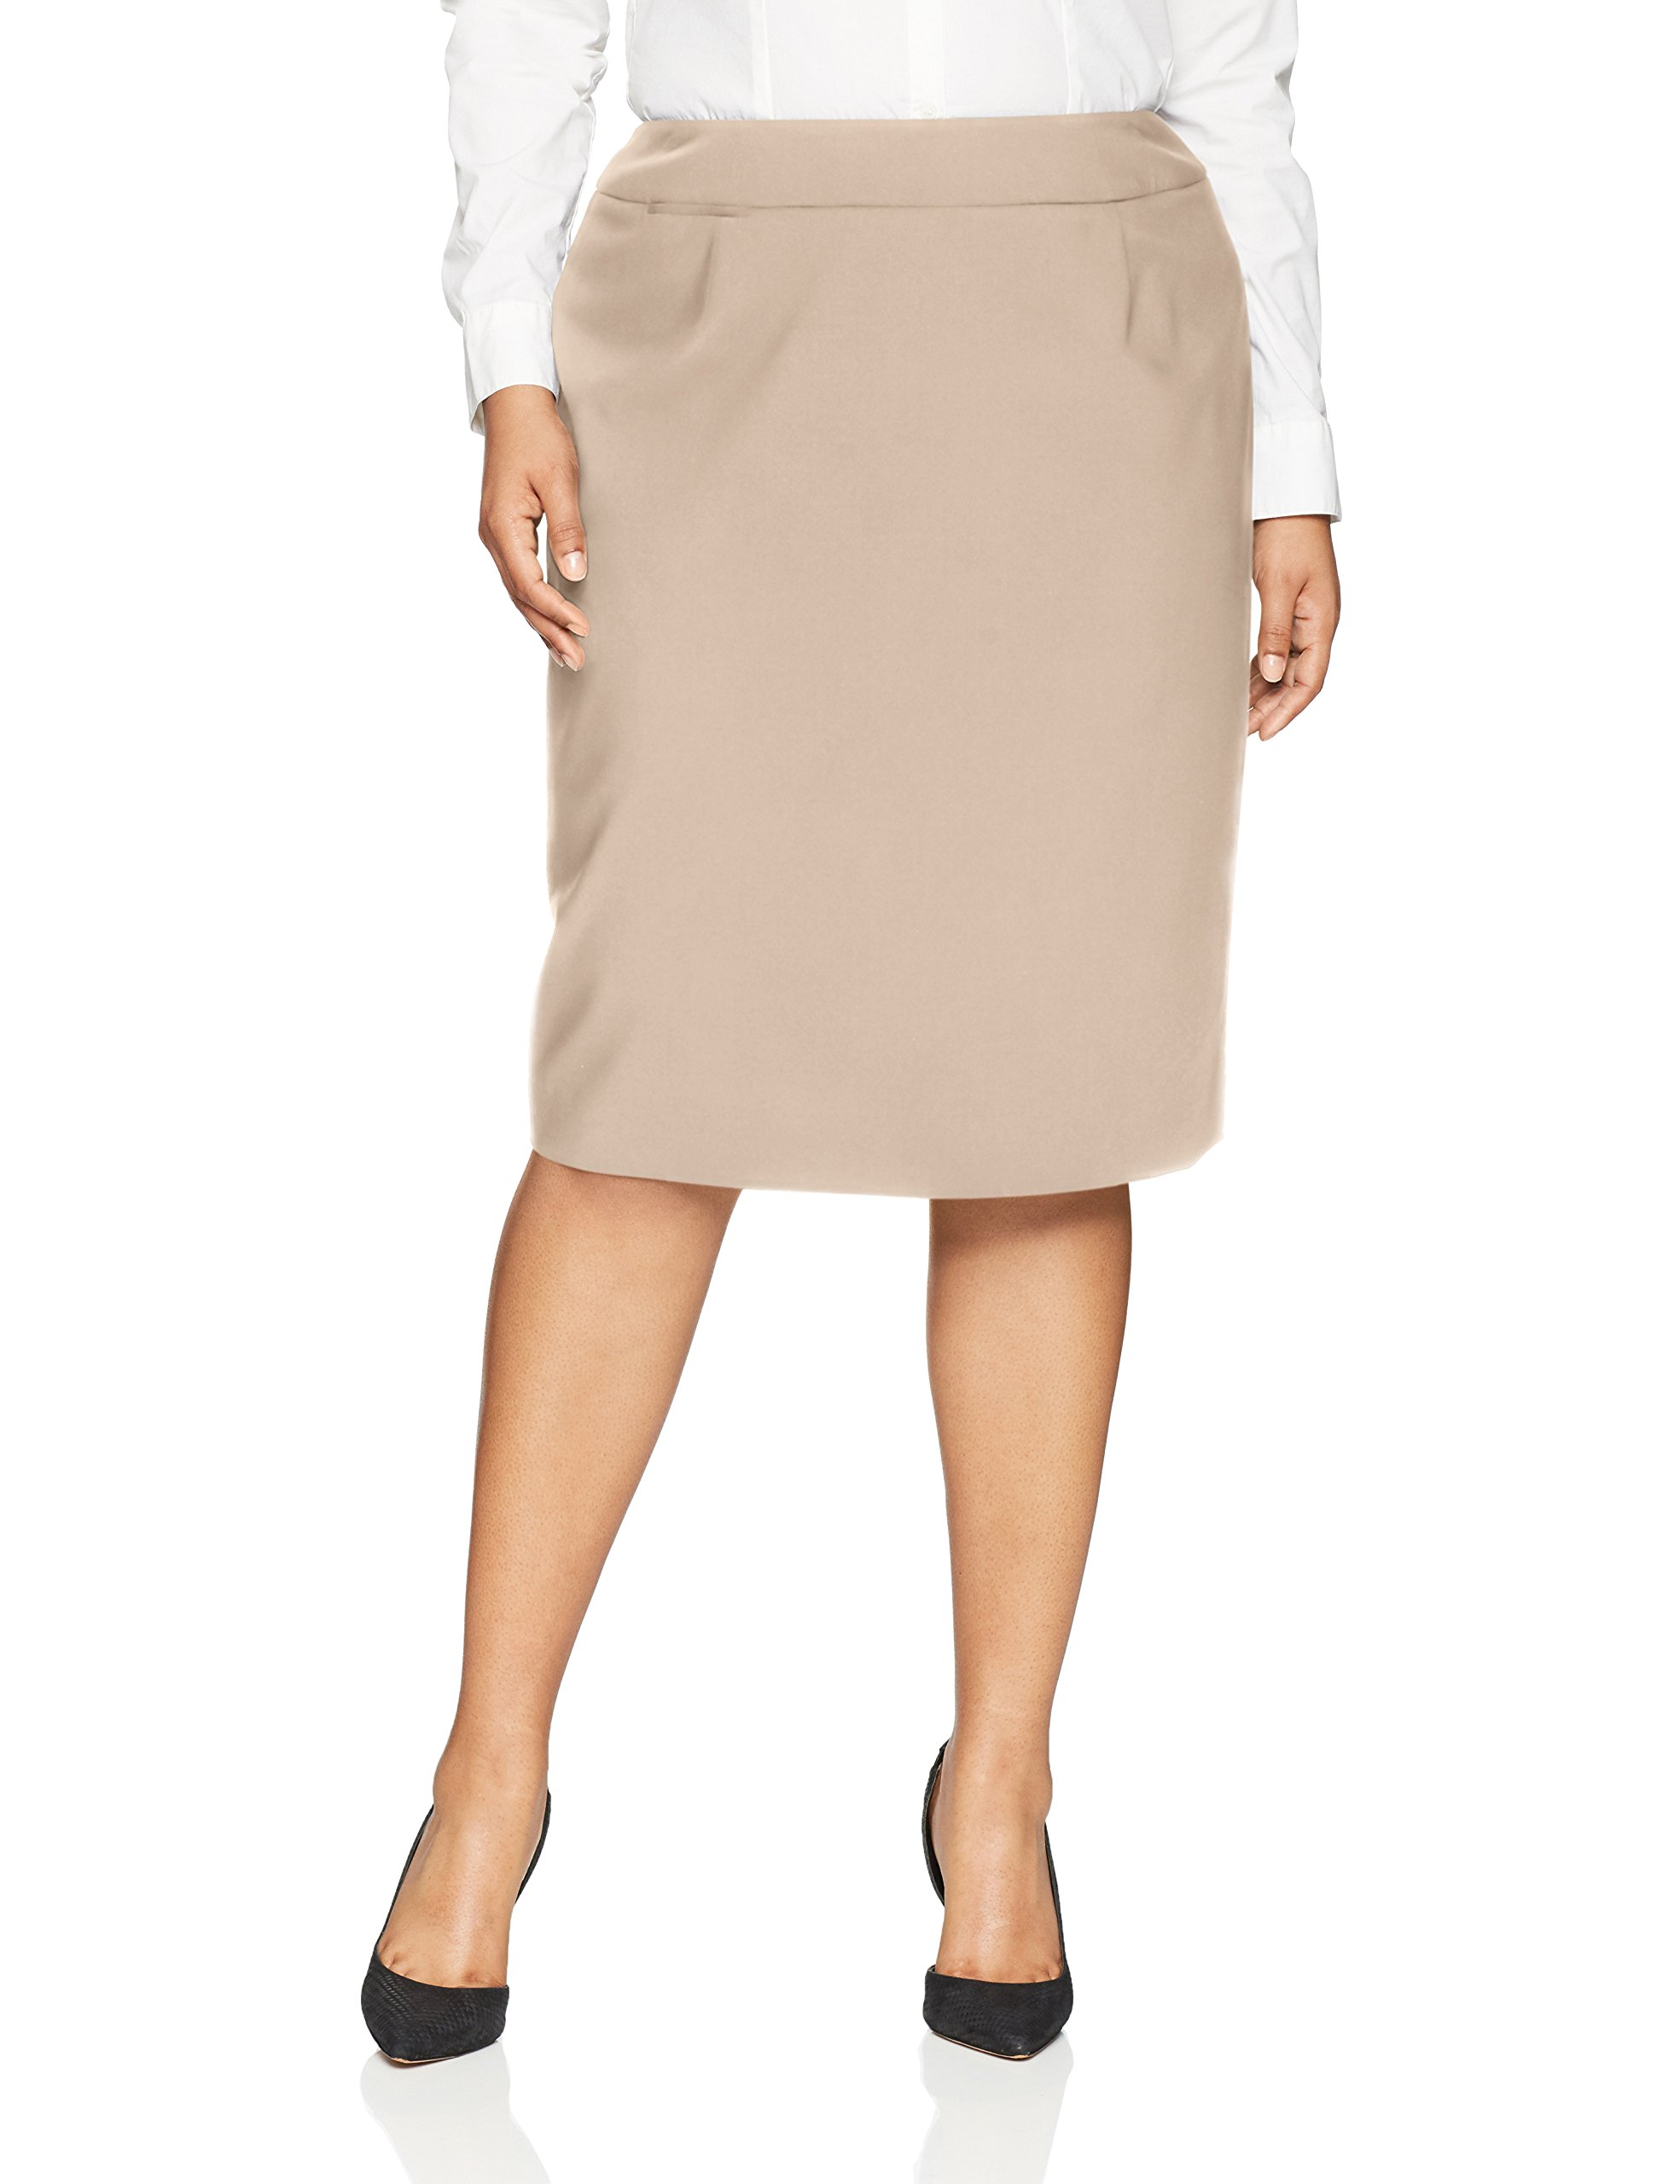 Calvin Klein Women's Plus Size Lux Straight Skirt, Khaki, 18W